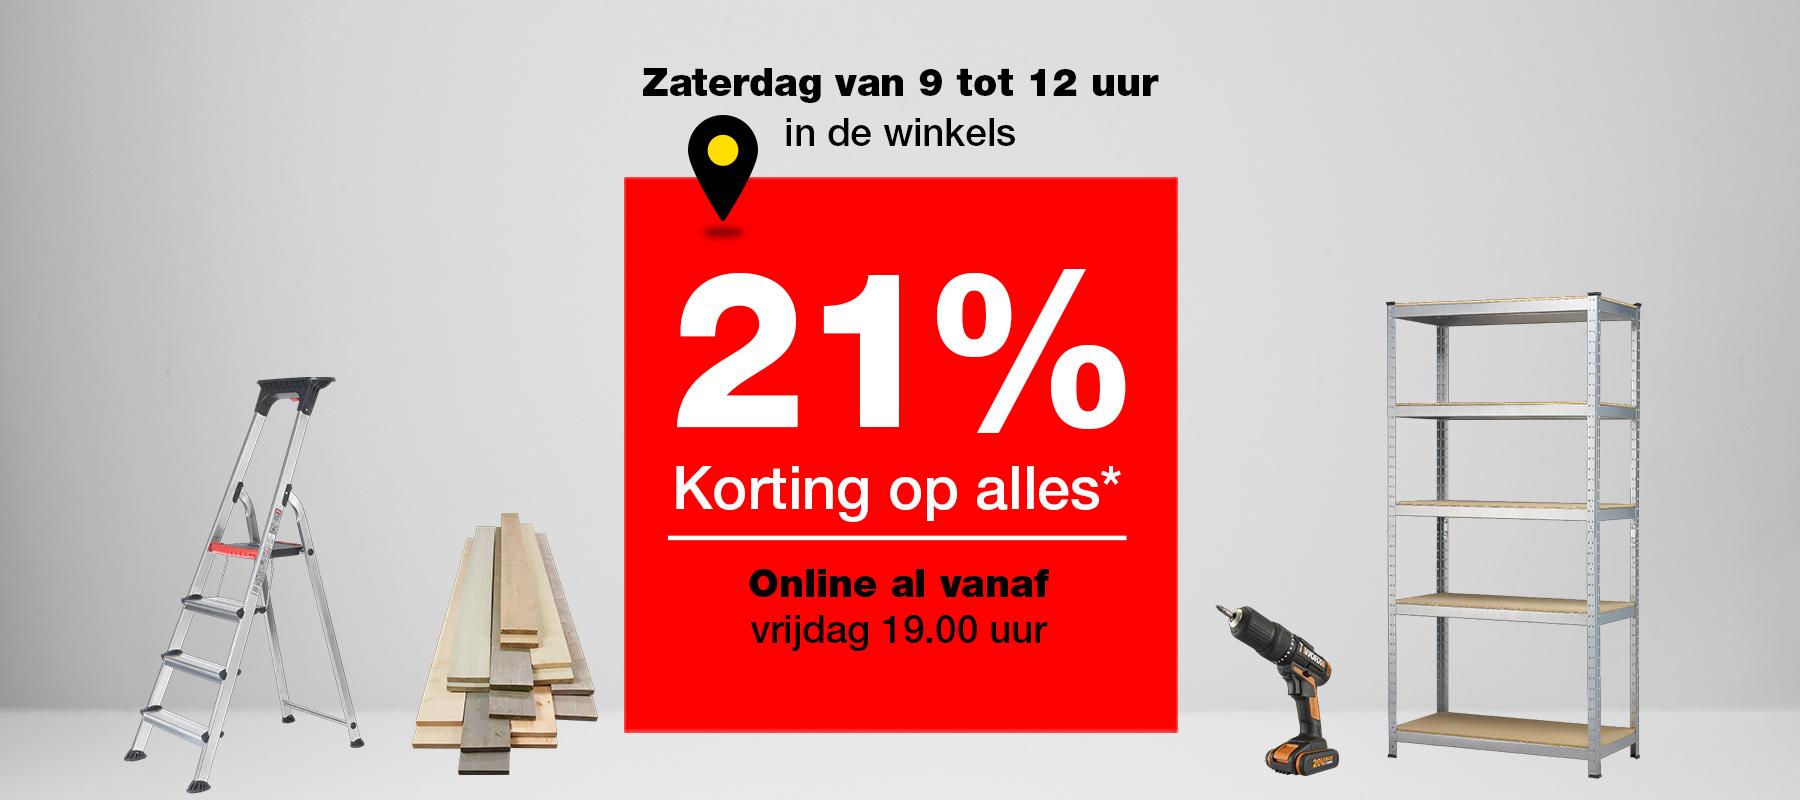 21% korting op alles! #Praxis